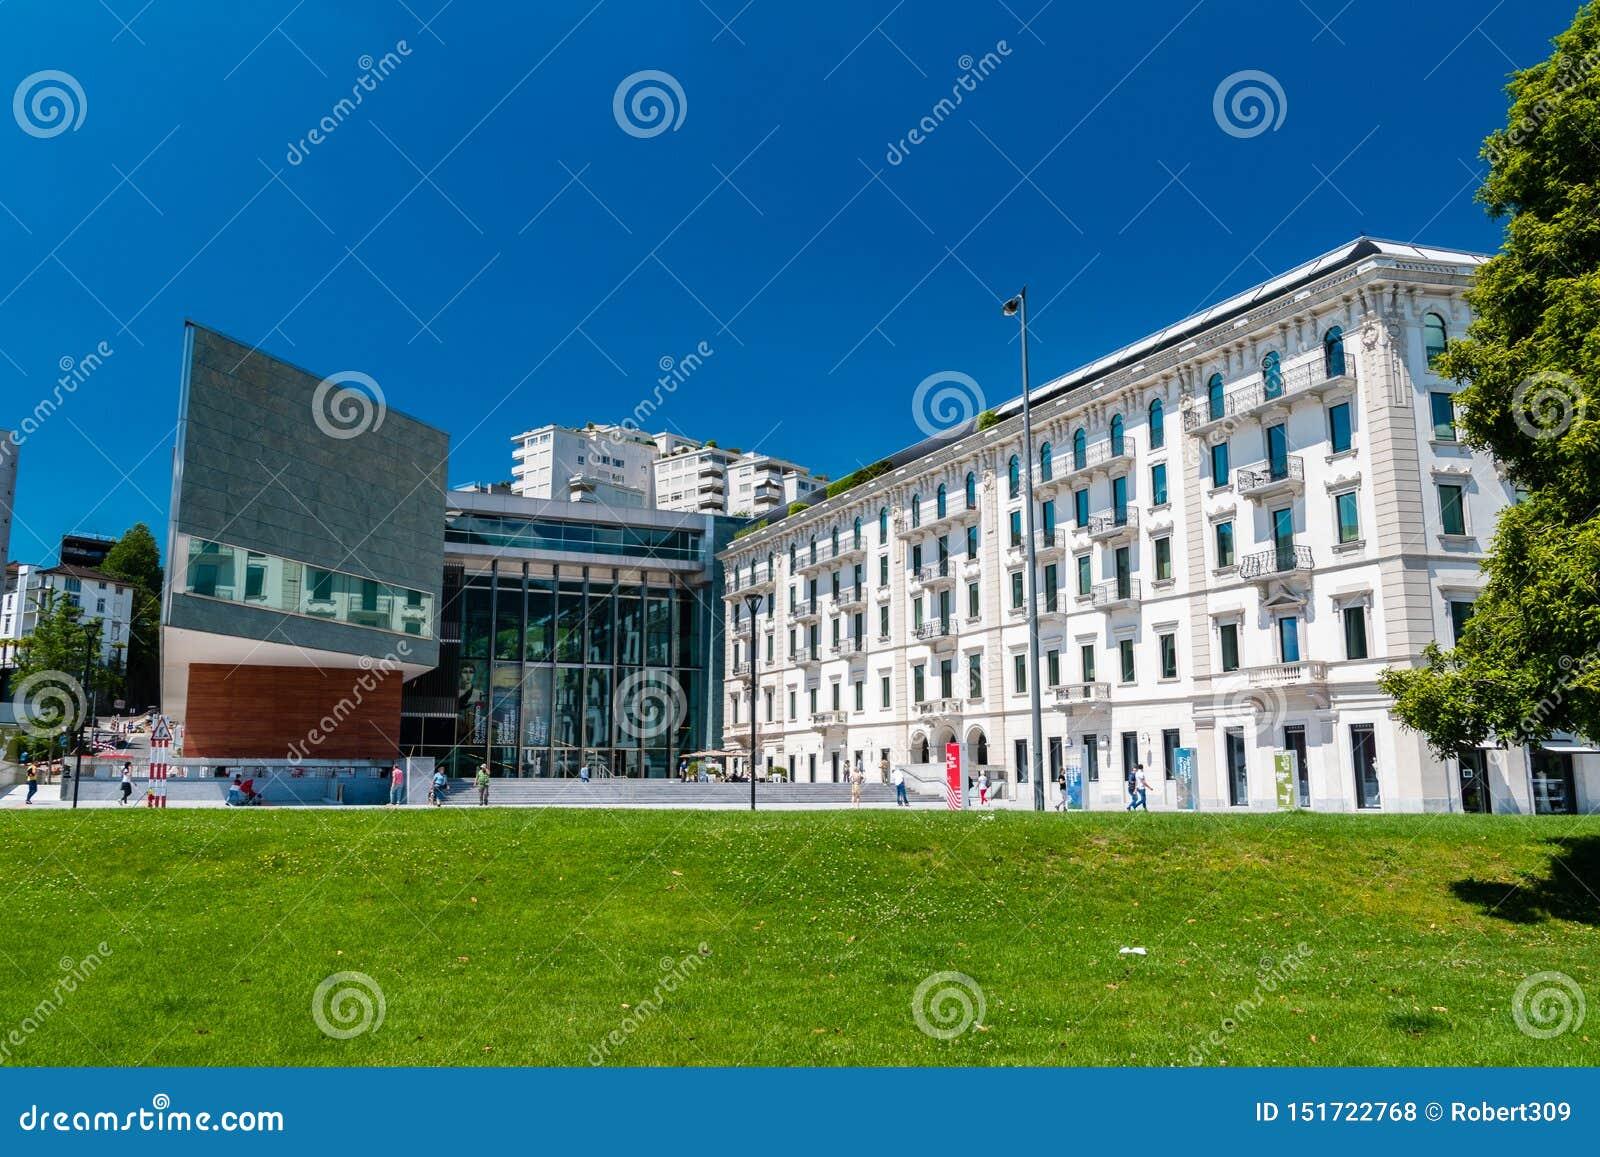 Gebäude des GUMMILACKS Lugano Arte e Cultura Kulturelle Mitte eingeweiht den bildende Kunst, Musik und den Künsten